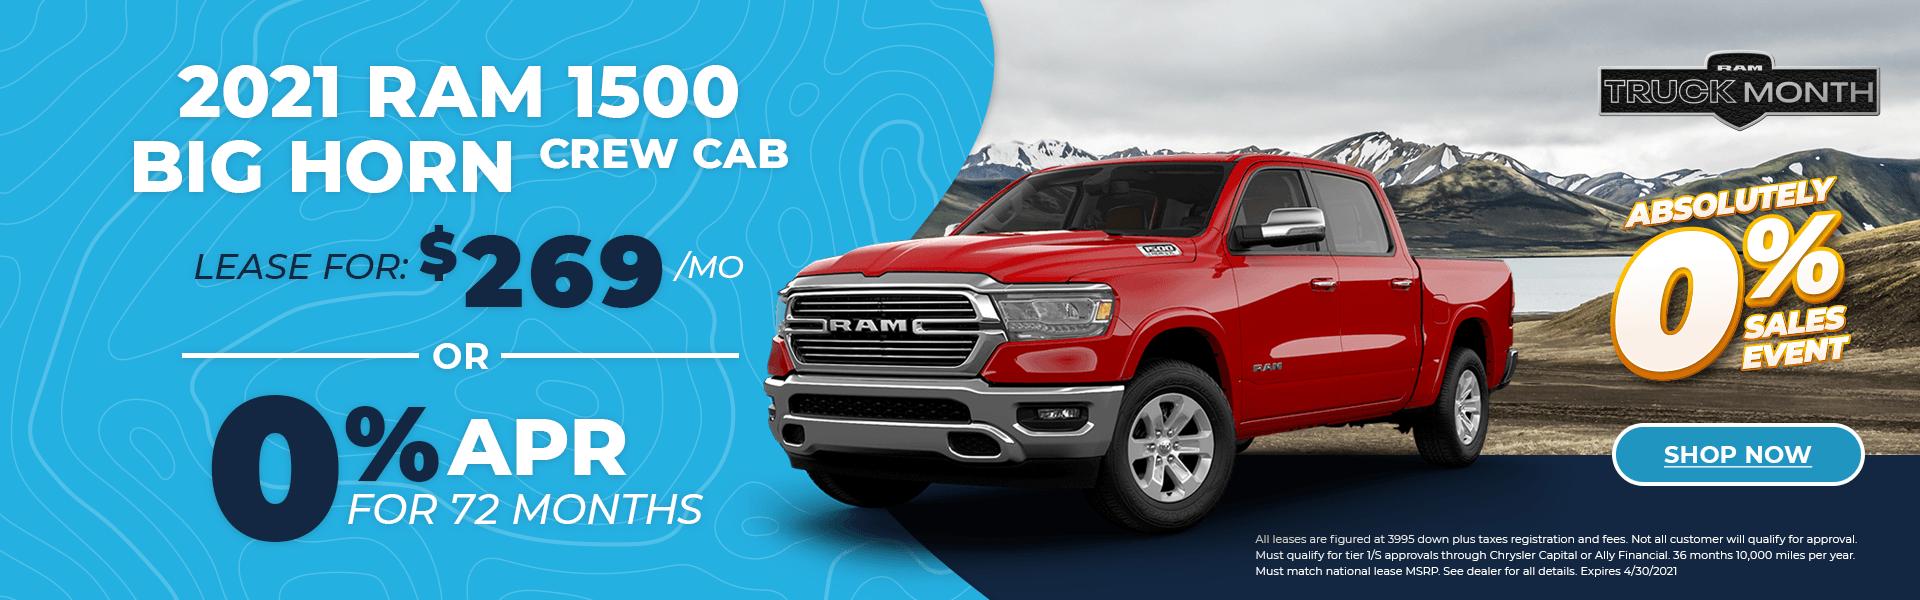 2021 New RAM 1500 – Truck Month Alt